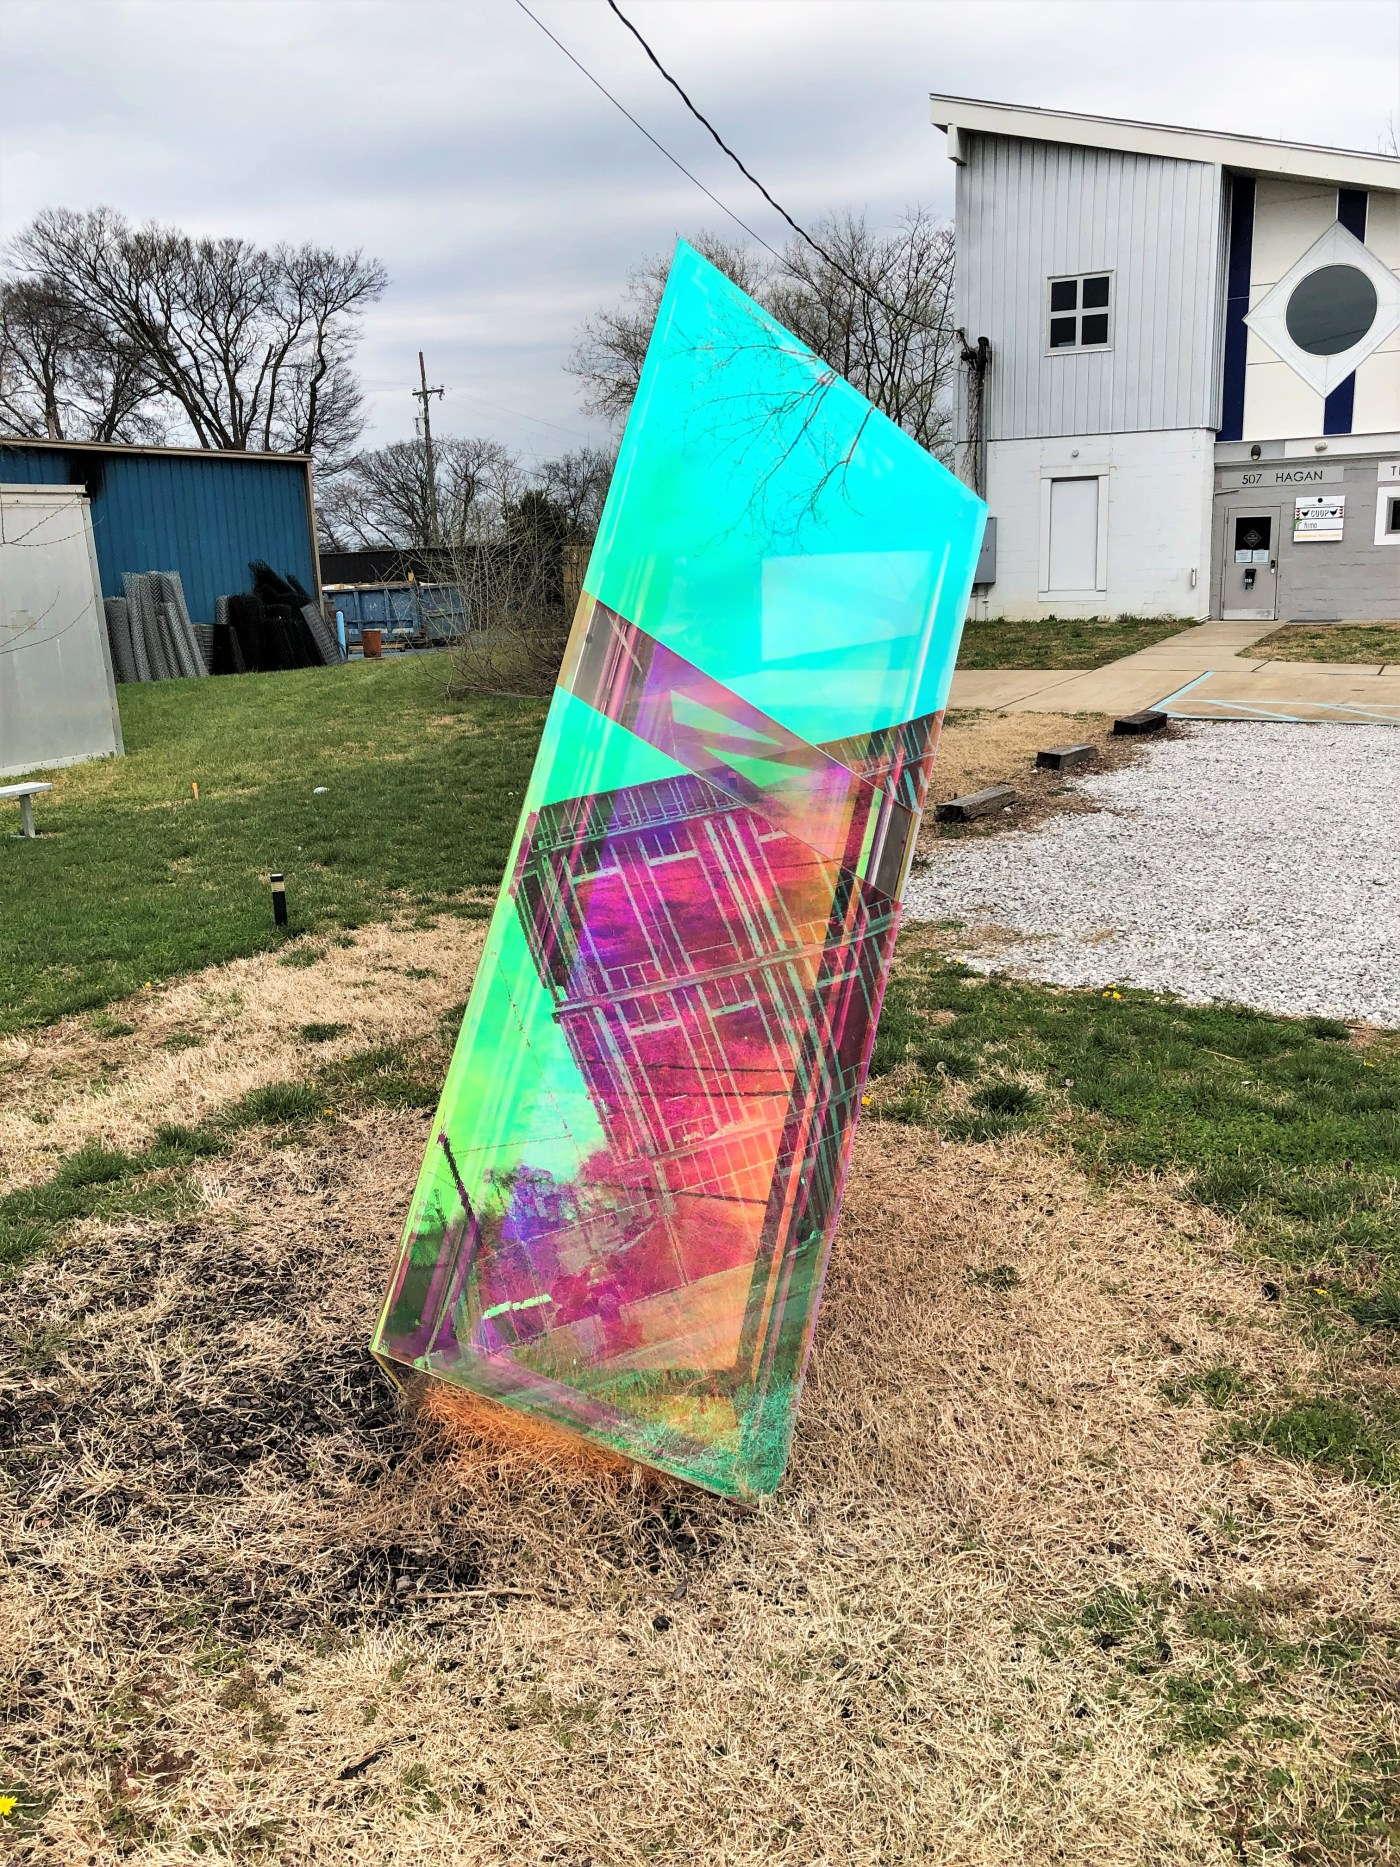 Bending Normal sculpture street art Nashville